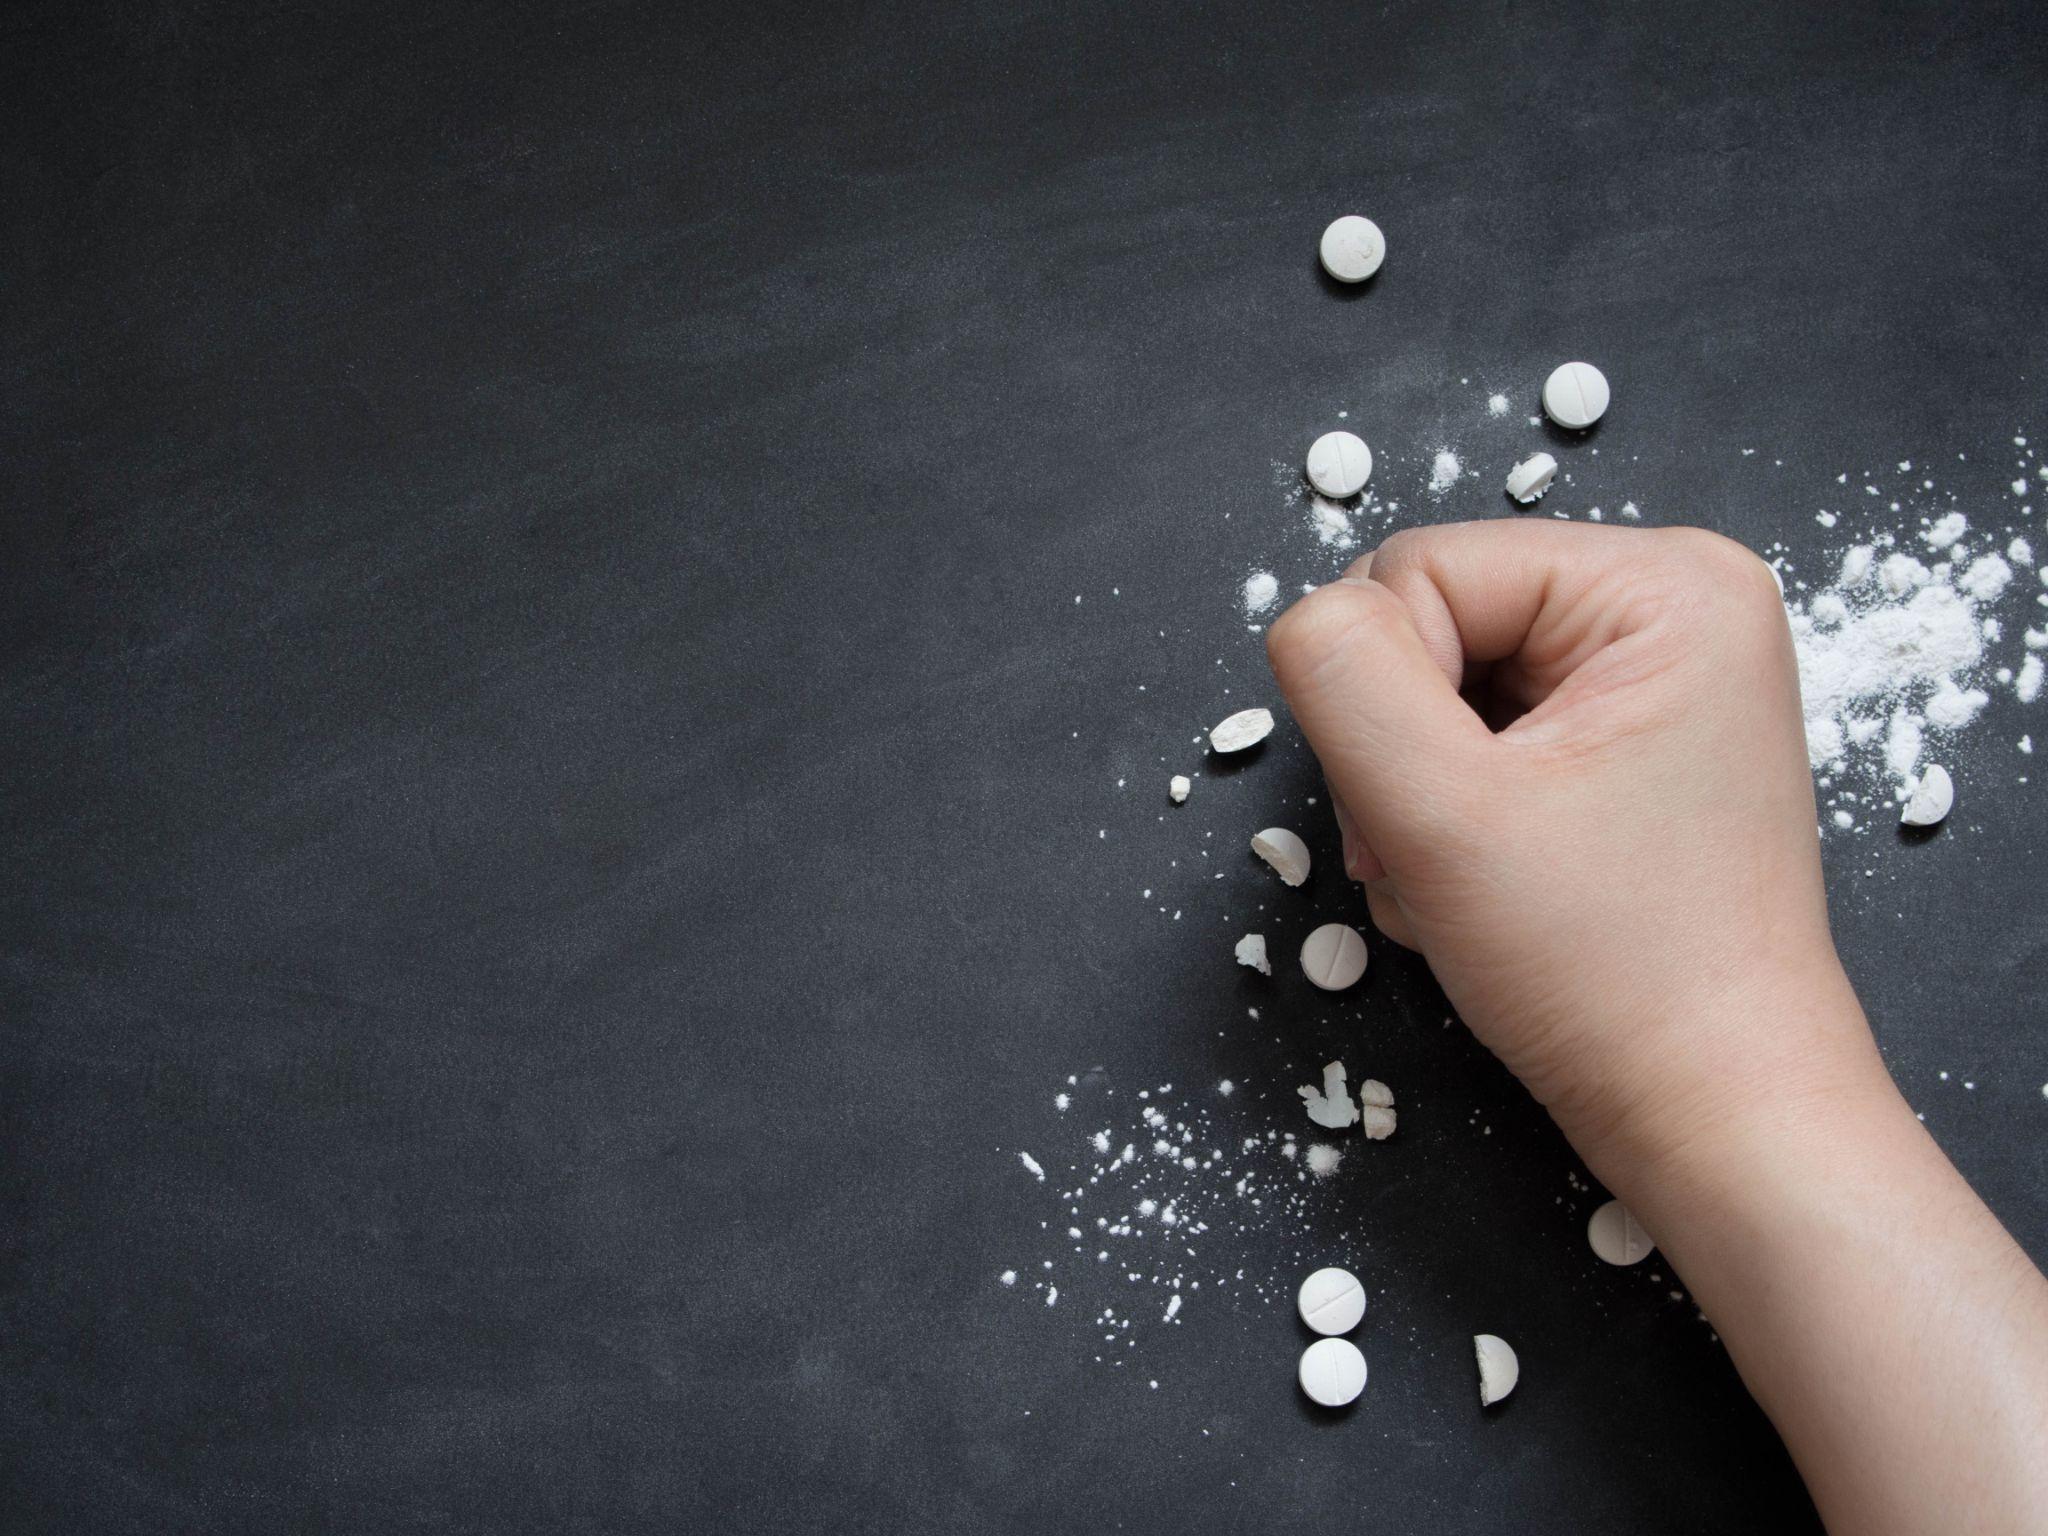 Human hands crushing white pills